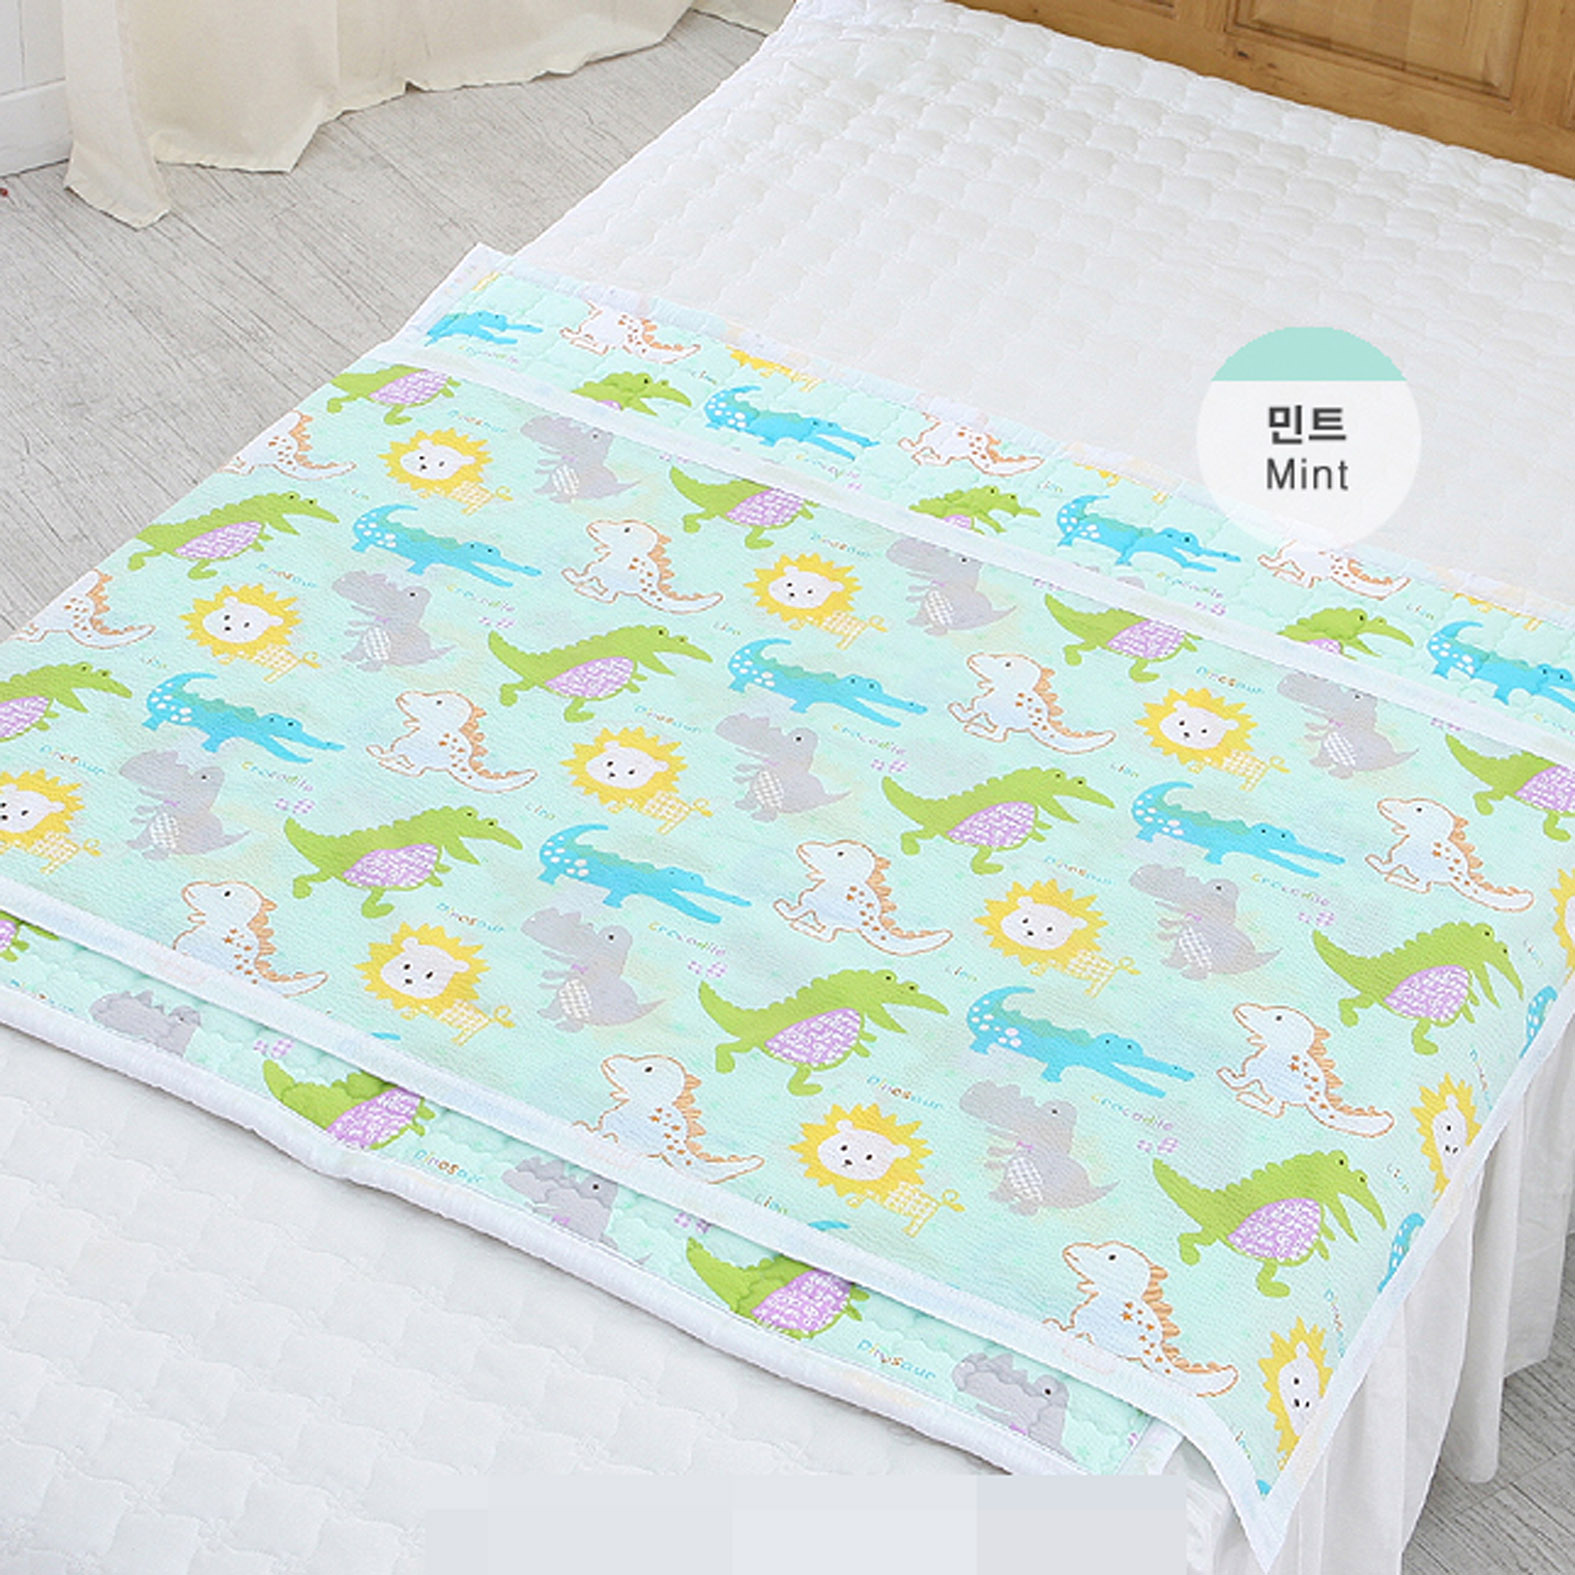 『SHOW韩国站』正品代购恐龙狮子鳄鱼印花儿童宝宝床单床褥垫被